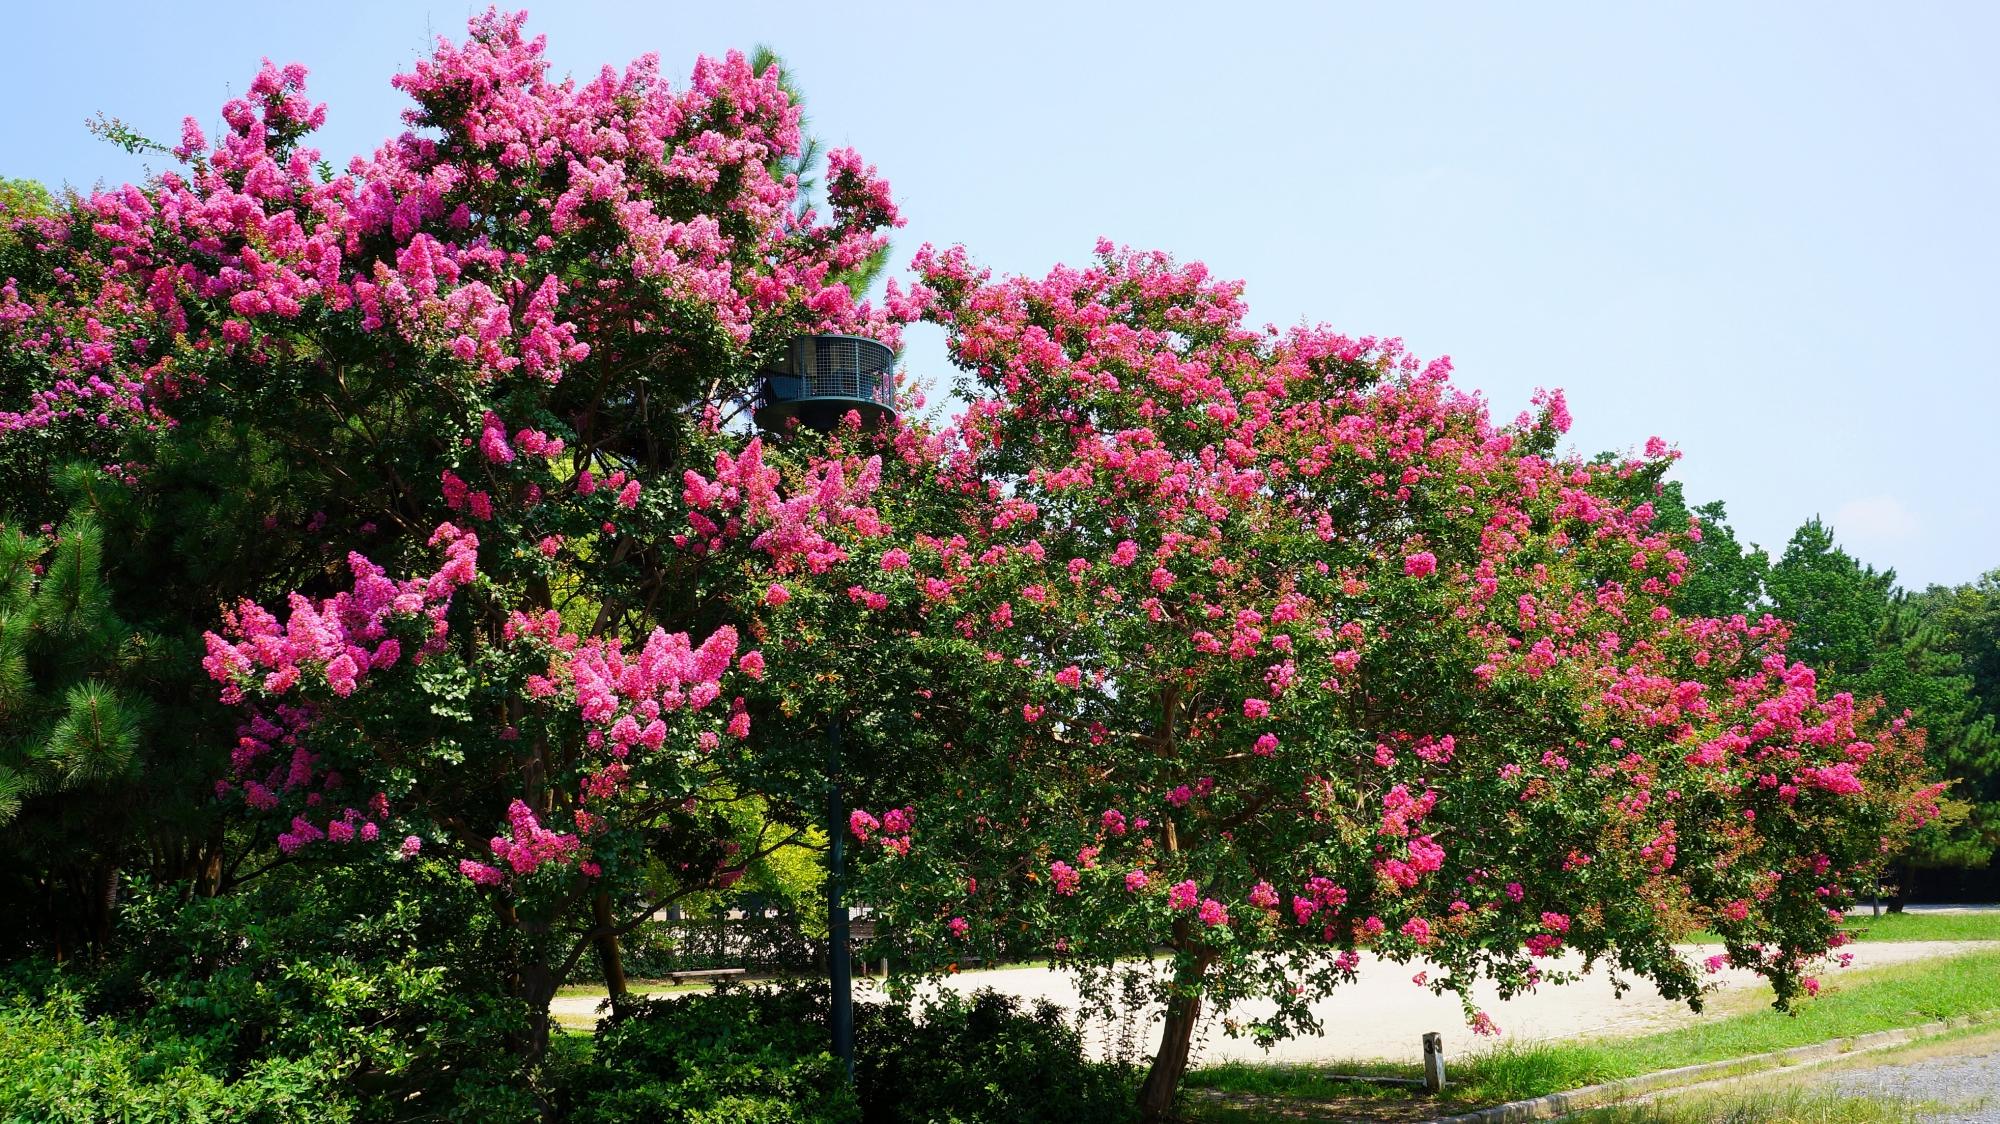 太陽に照らされて煌びやかに輝く百日紅のピンクの花